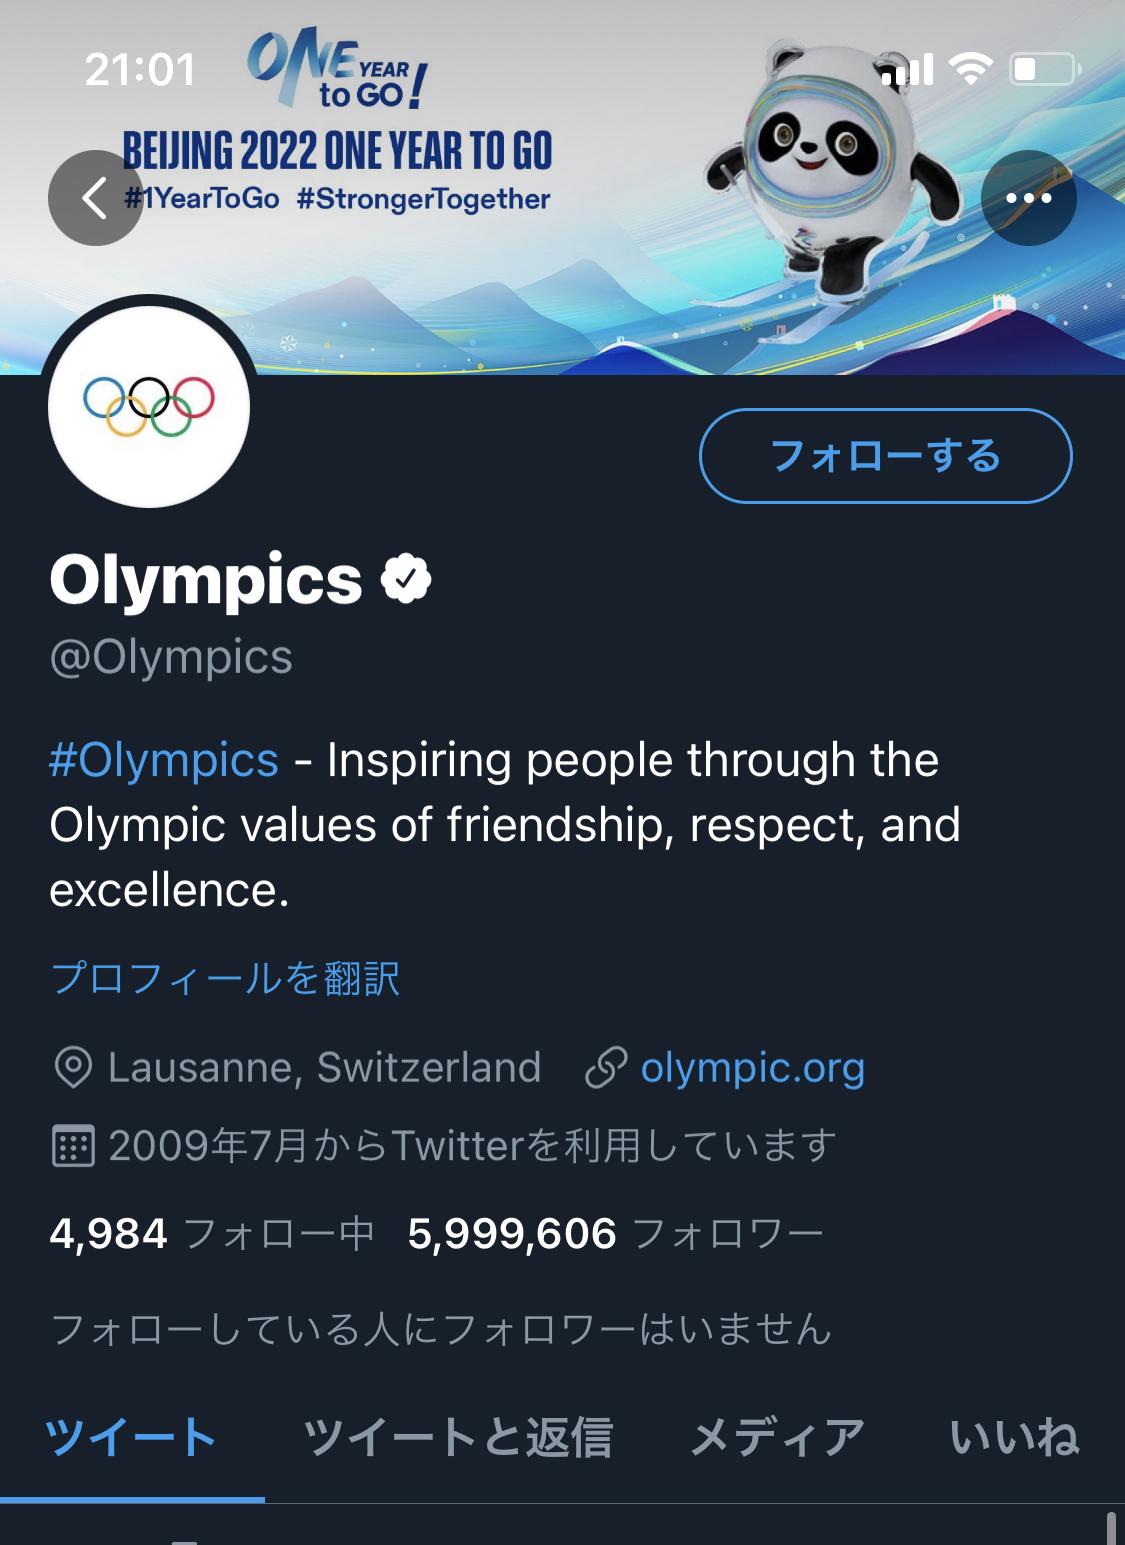 東京五輪、中止か? twitter公式アカウントのヘッダーが北京に挿げ替えられる